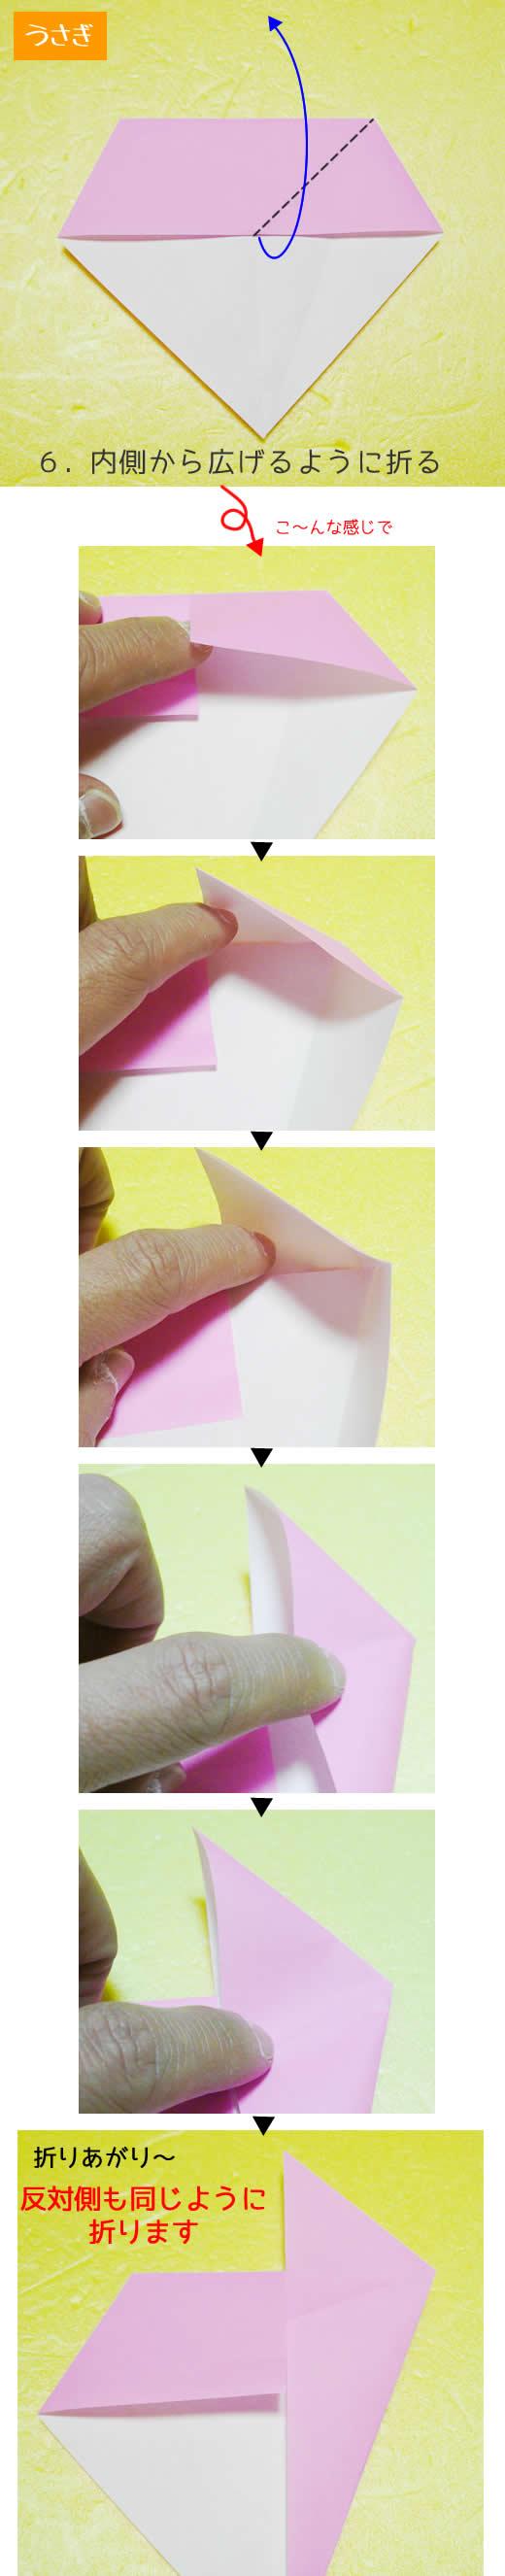 うさぎの折り方6